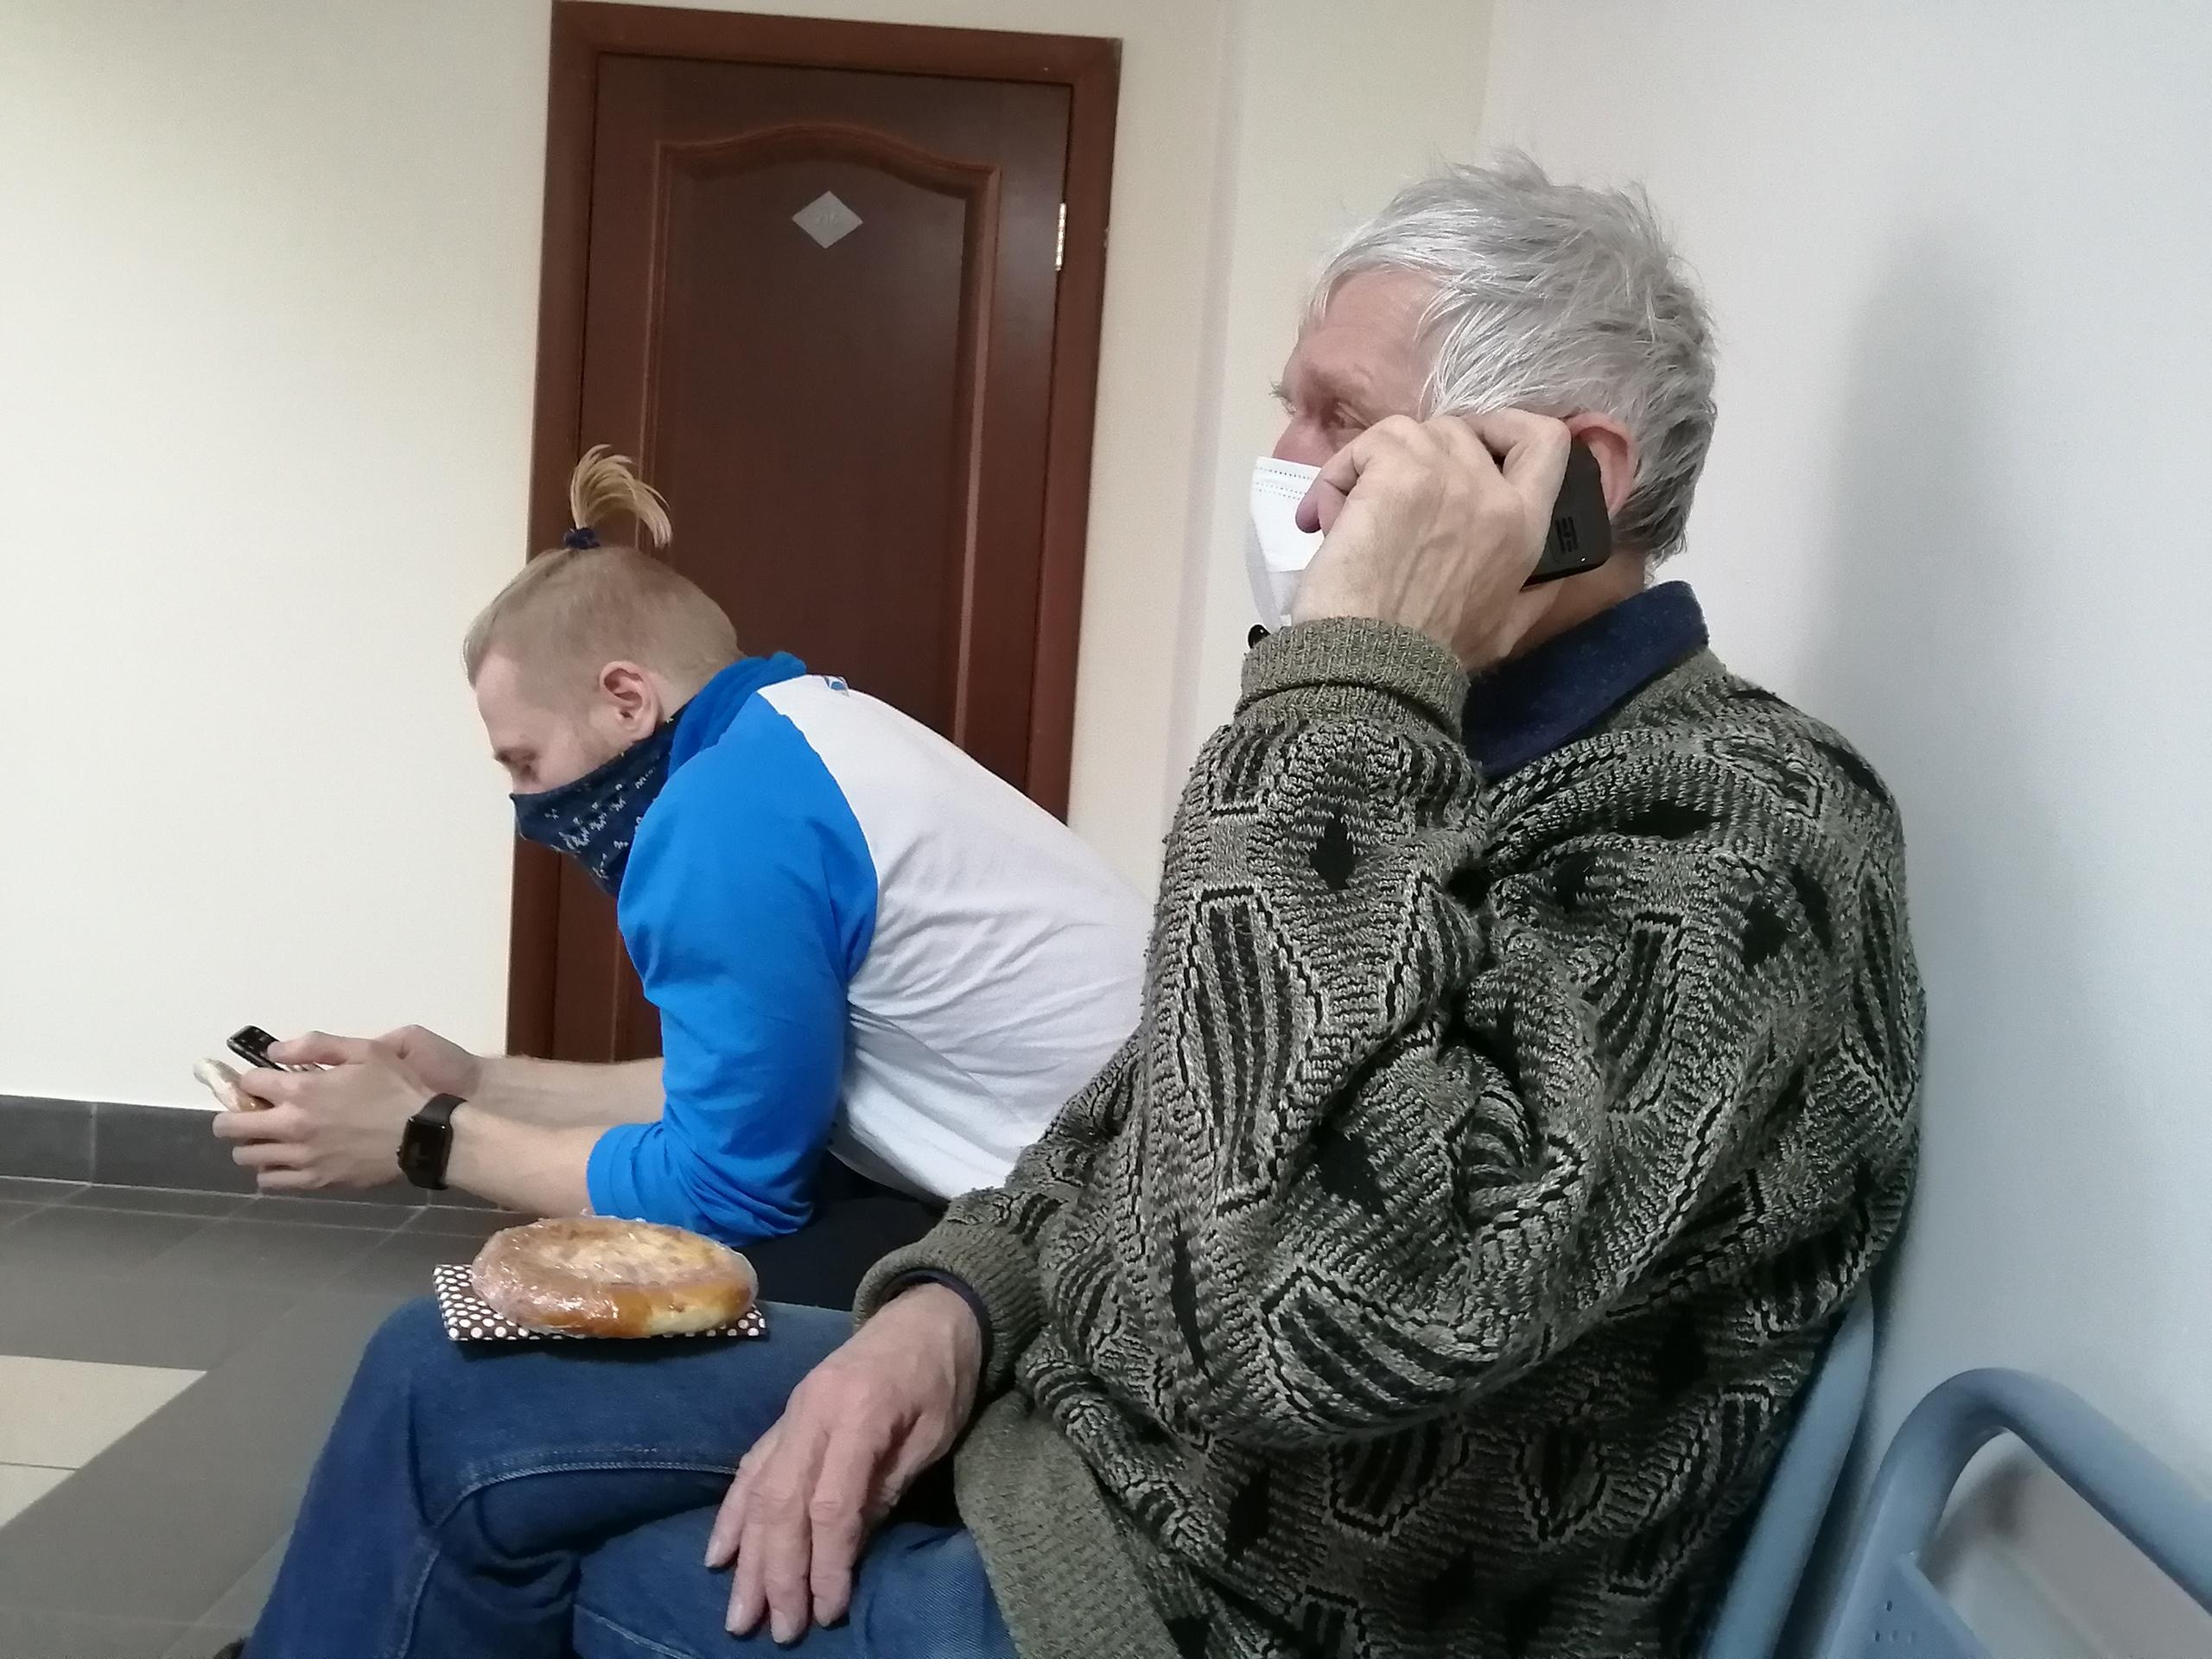 Анатолия Казиханова задержали накануне в Северодвинске, но протокол на него вернули в ОВД России по Северодвинску